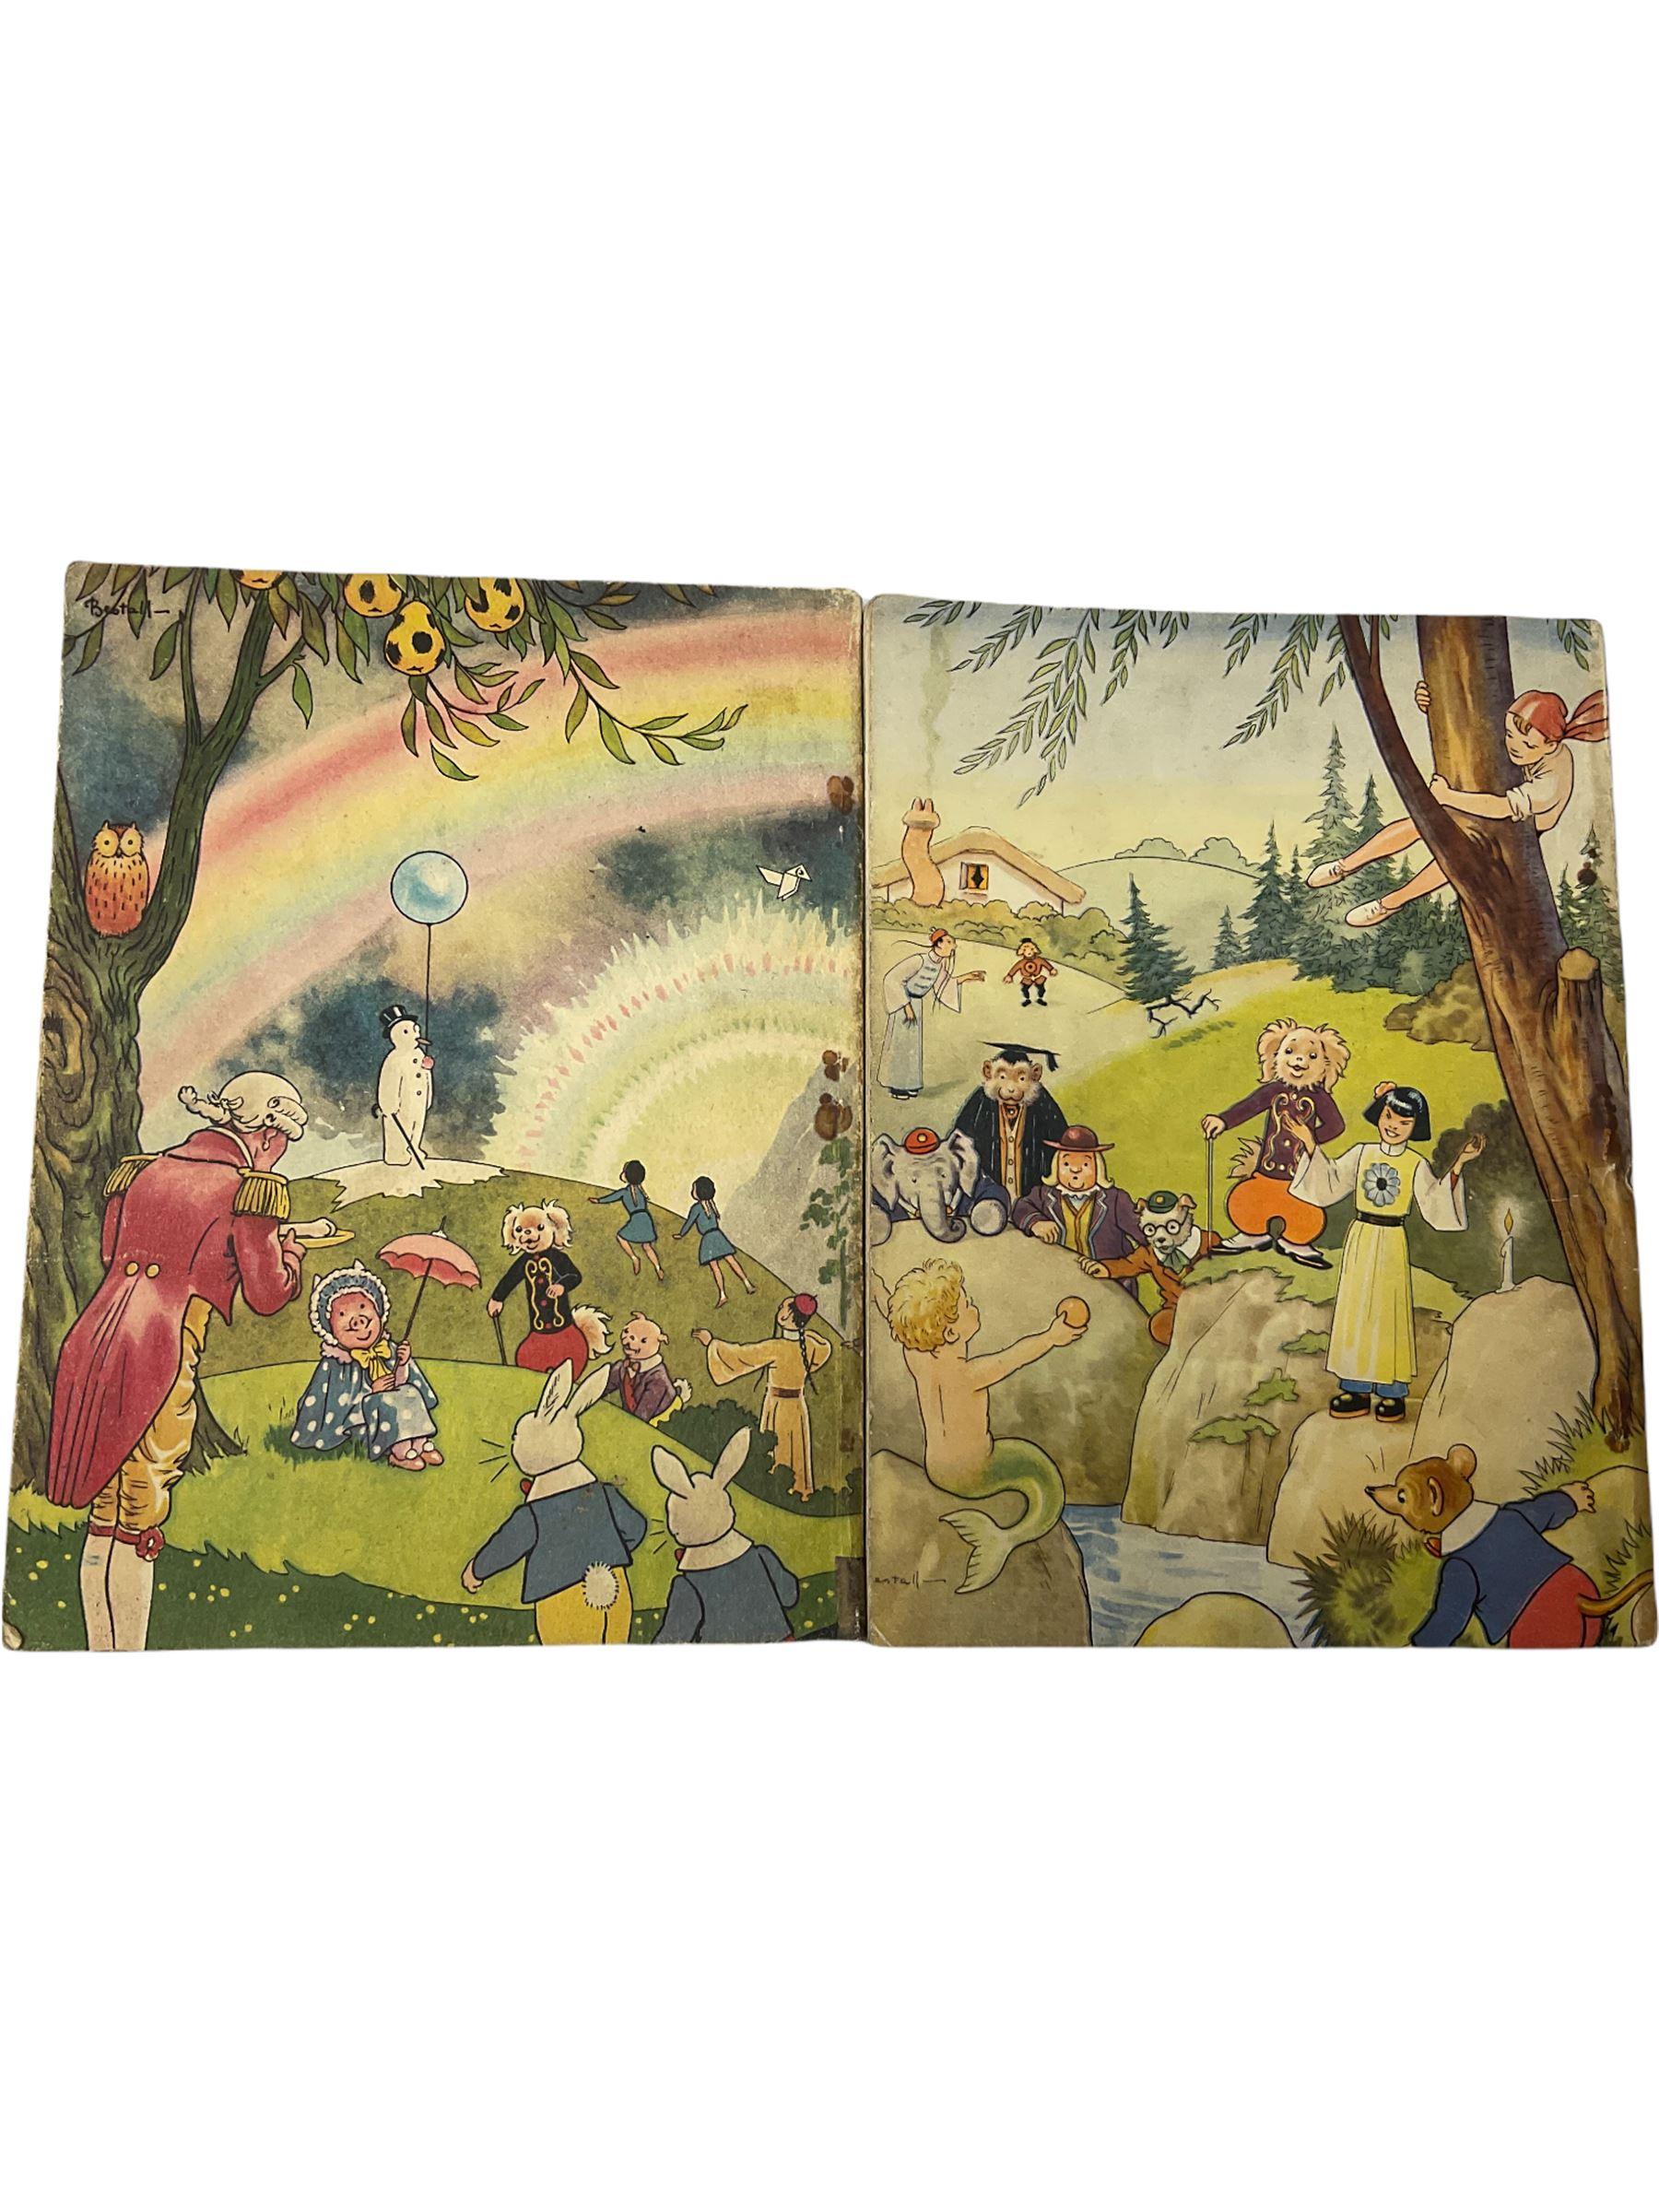 Rupert Bear - More Adventures of Rupert 1947 and The Rupert Book 1948 - Image 3 of 8